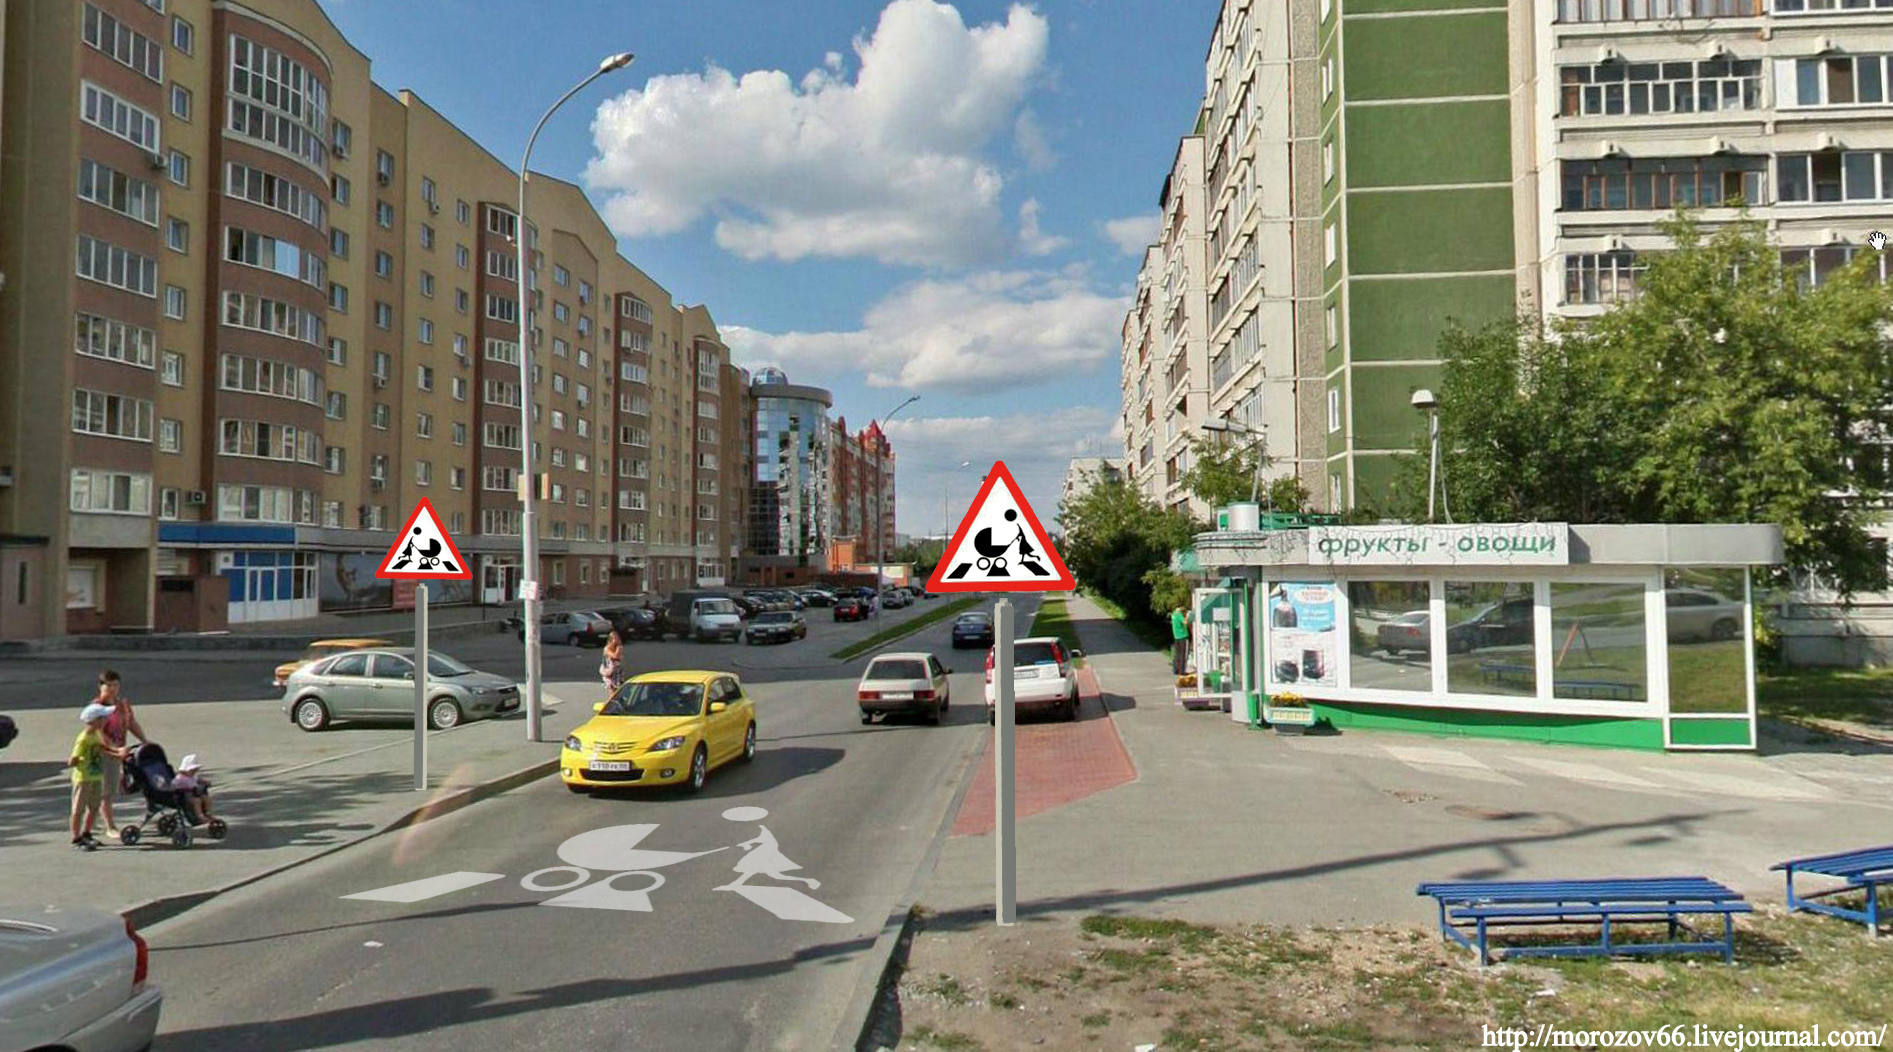 Блогер предложил установить в Екатеринбурге знаки «Осторожно, молодые родители с коляской»